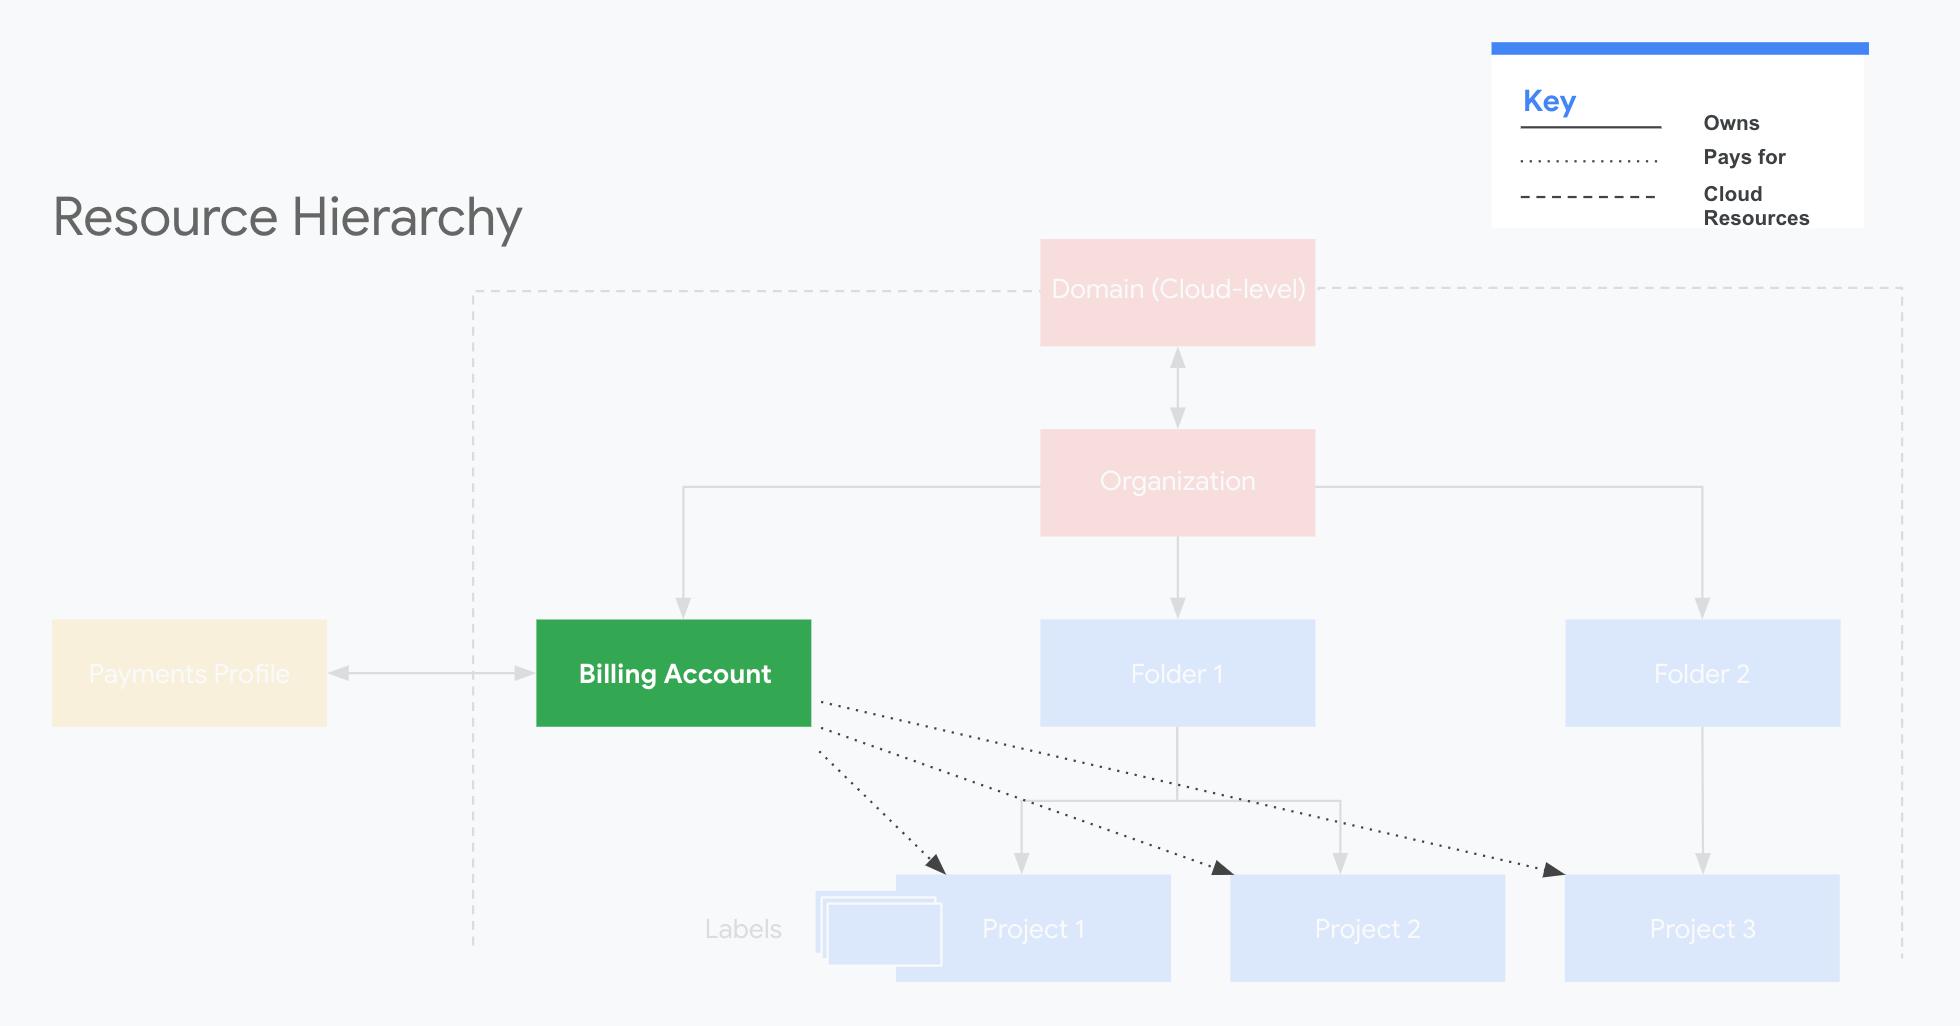 Contas de faturamento do Cloud na hierarquia de recursos